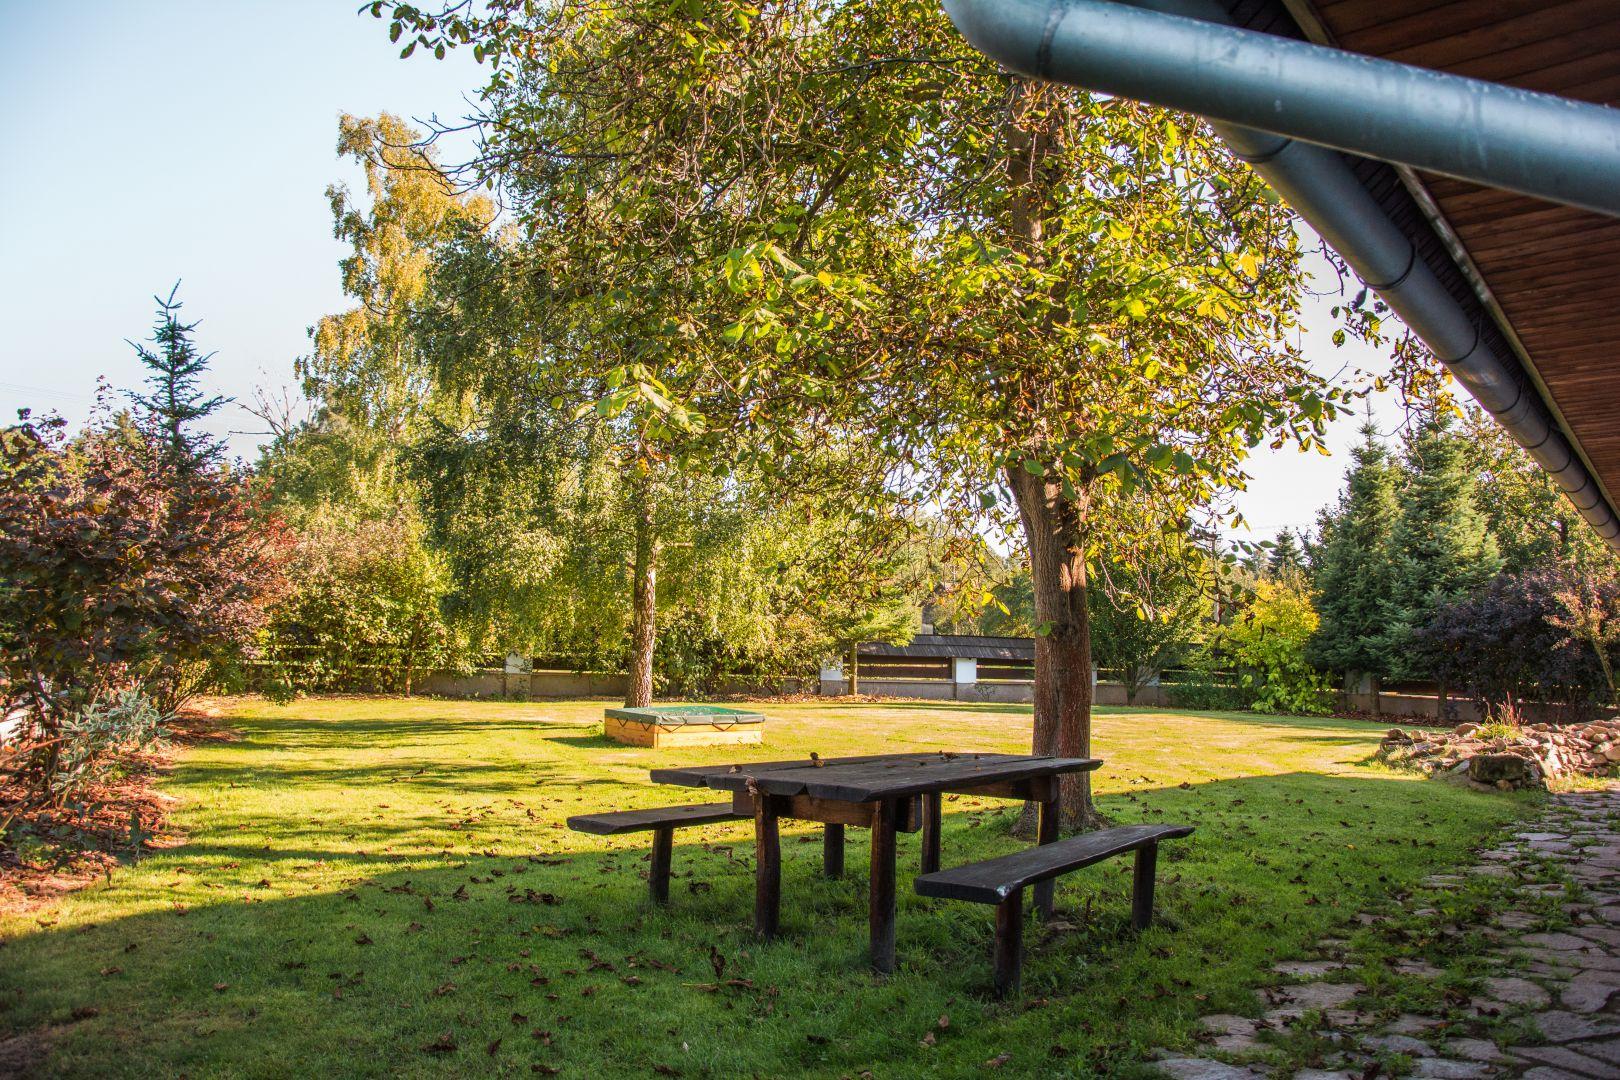 Obrázek 3 - zahrada